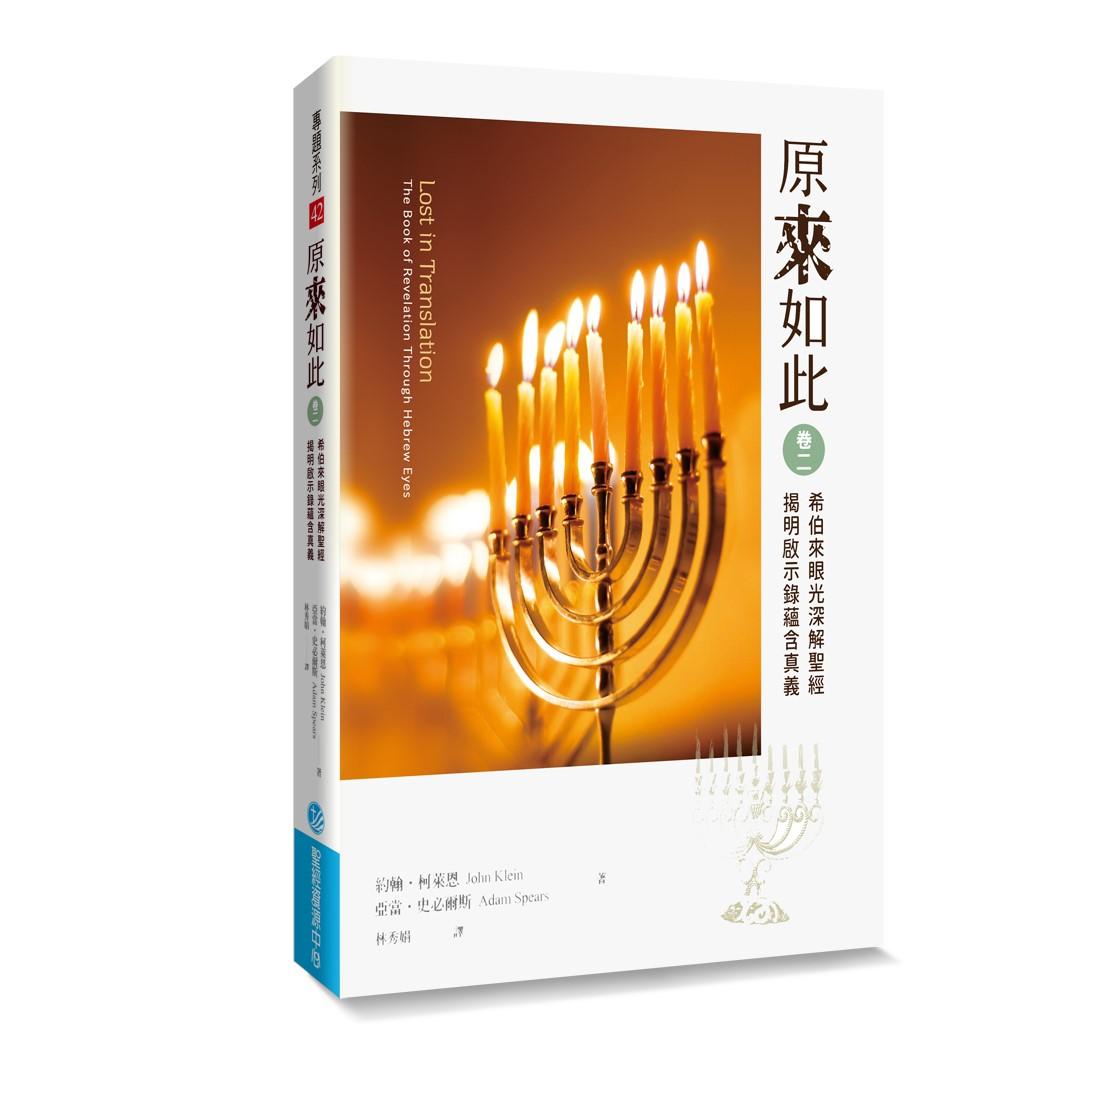 原來如此(卷二):希伯來眼光深解聖經,揭明啟示錄蘊